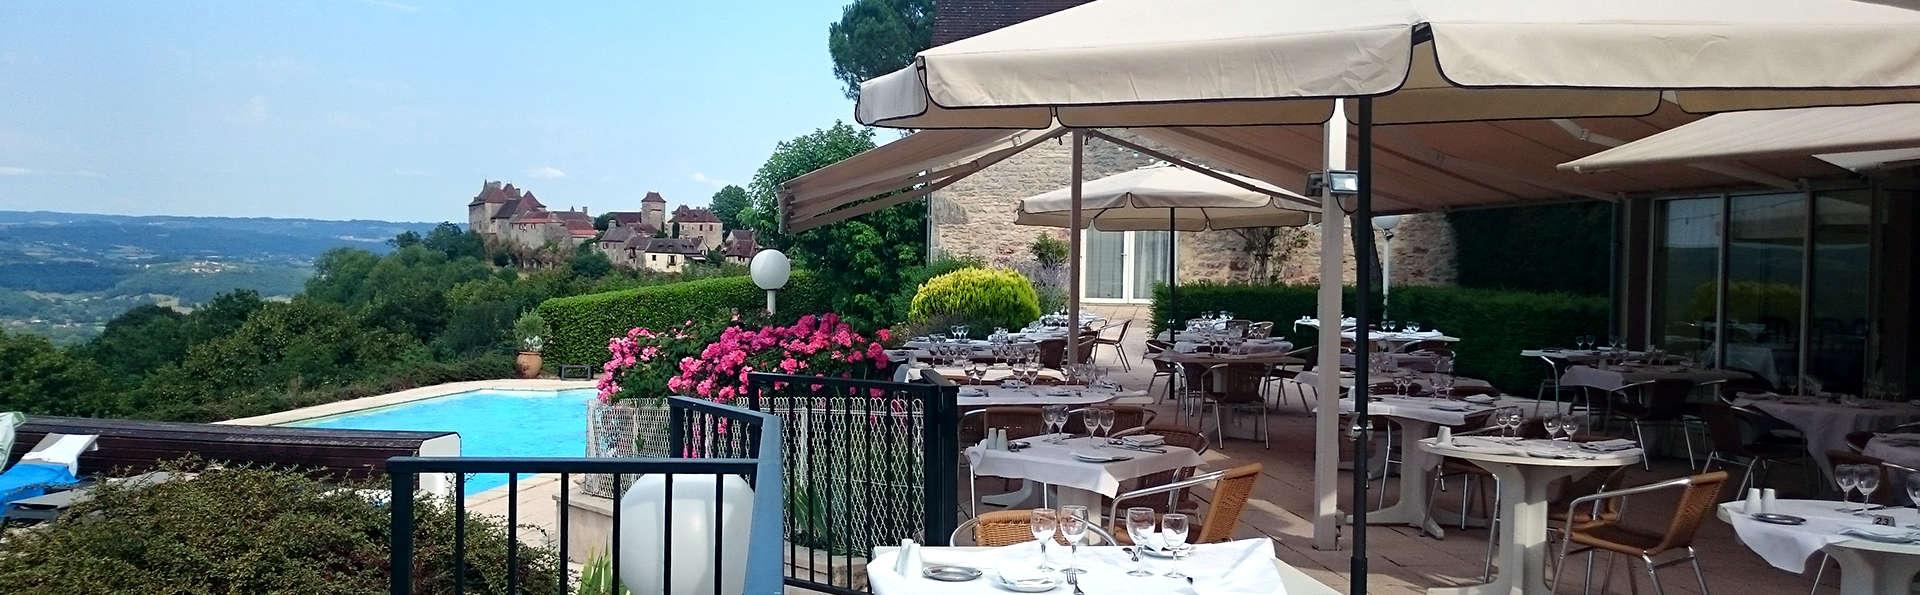 Week-end gastronomique avec dîner près de Rocamadour